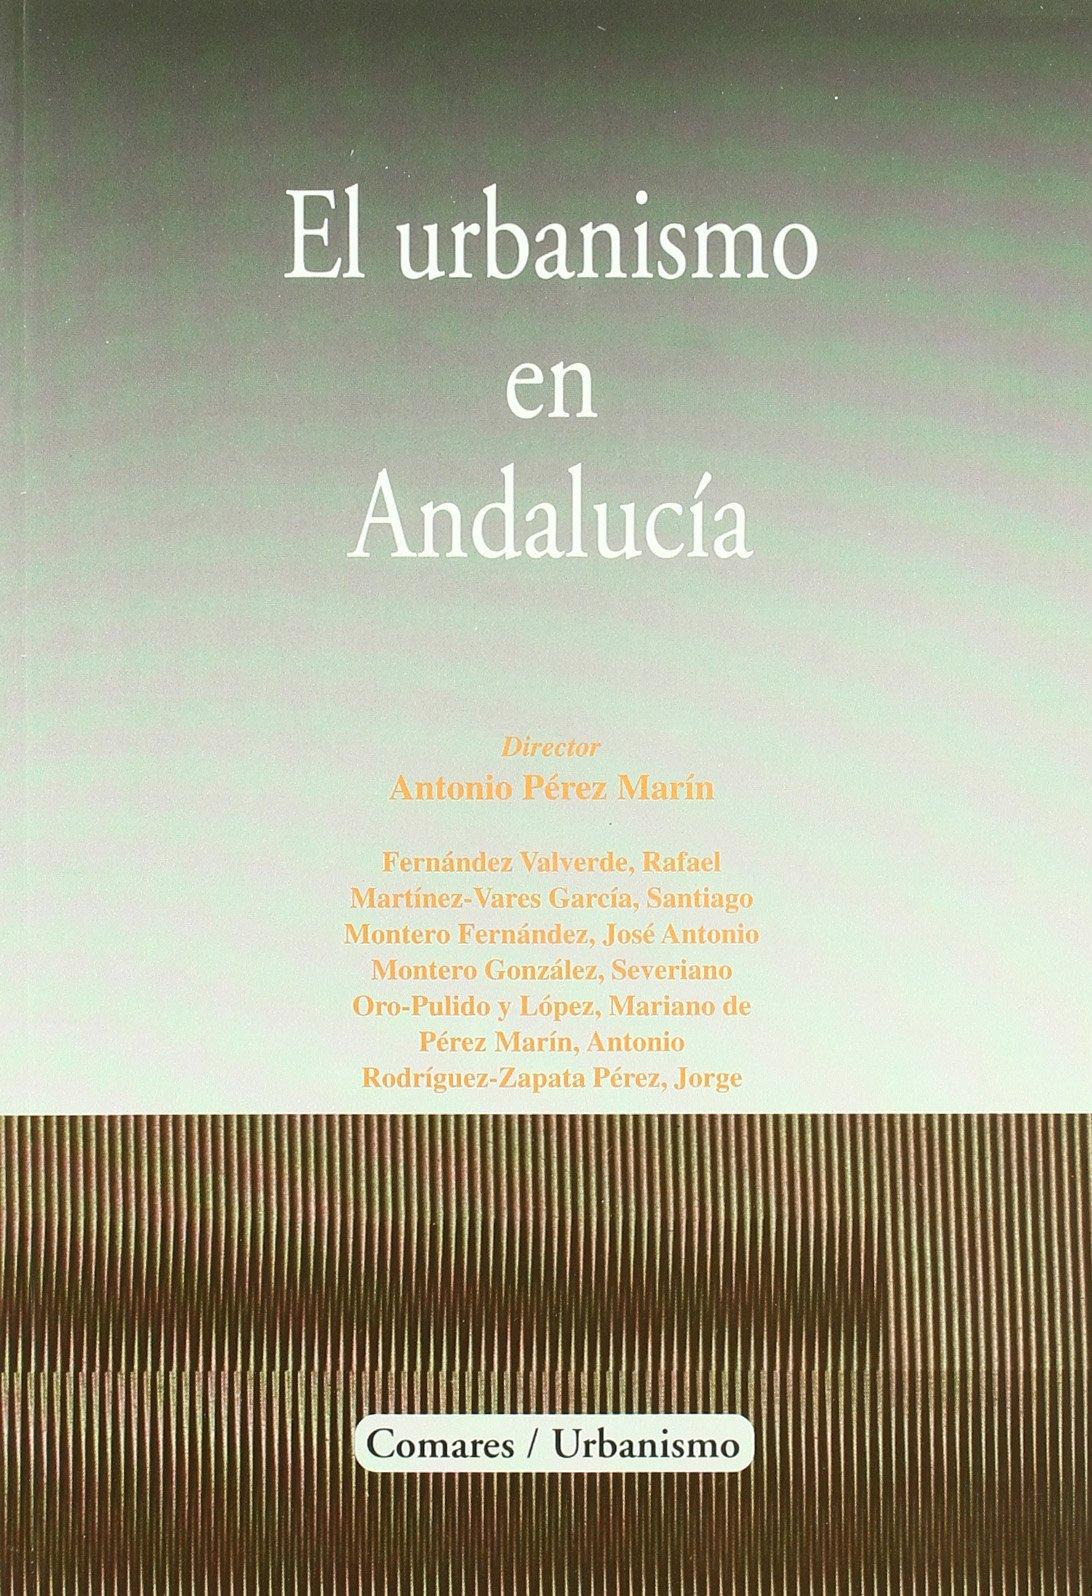 El urbanismo en Andalucía